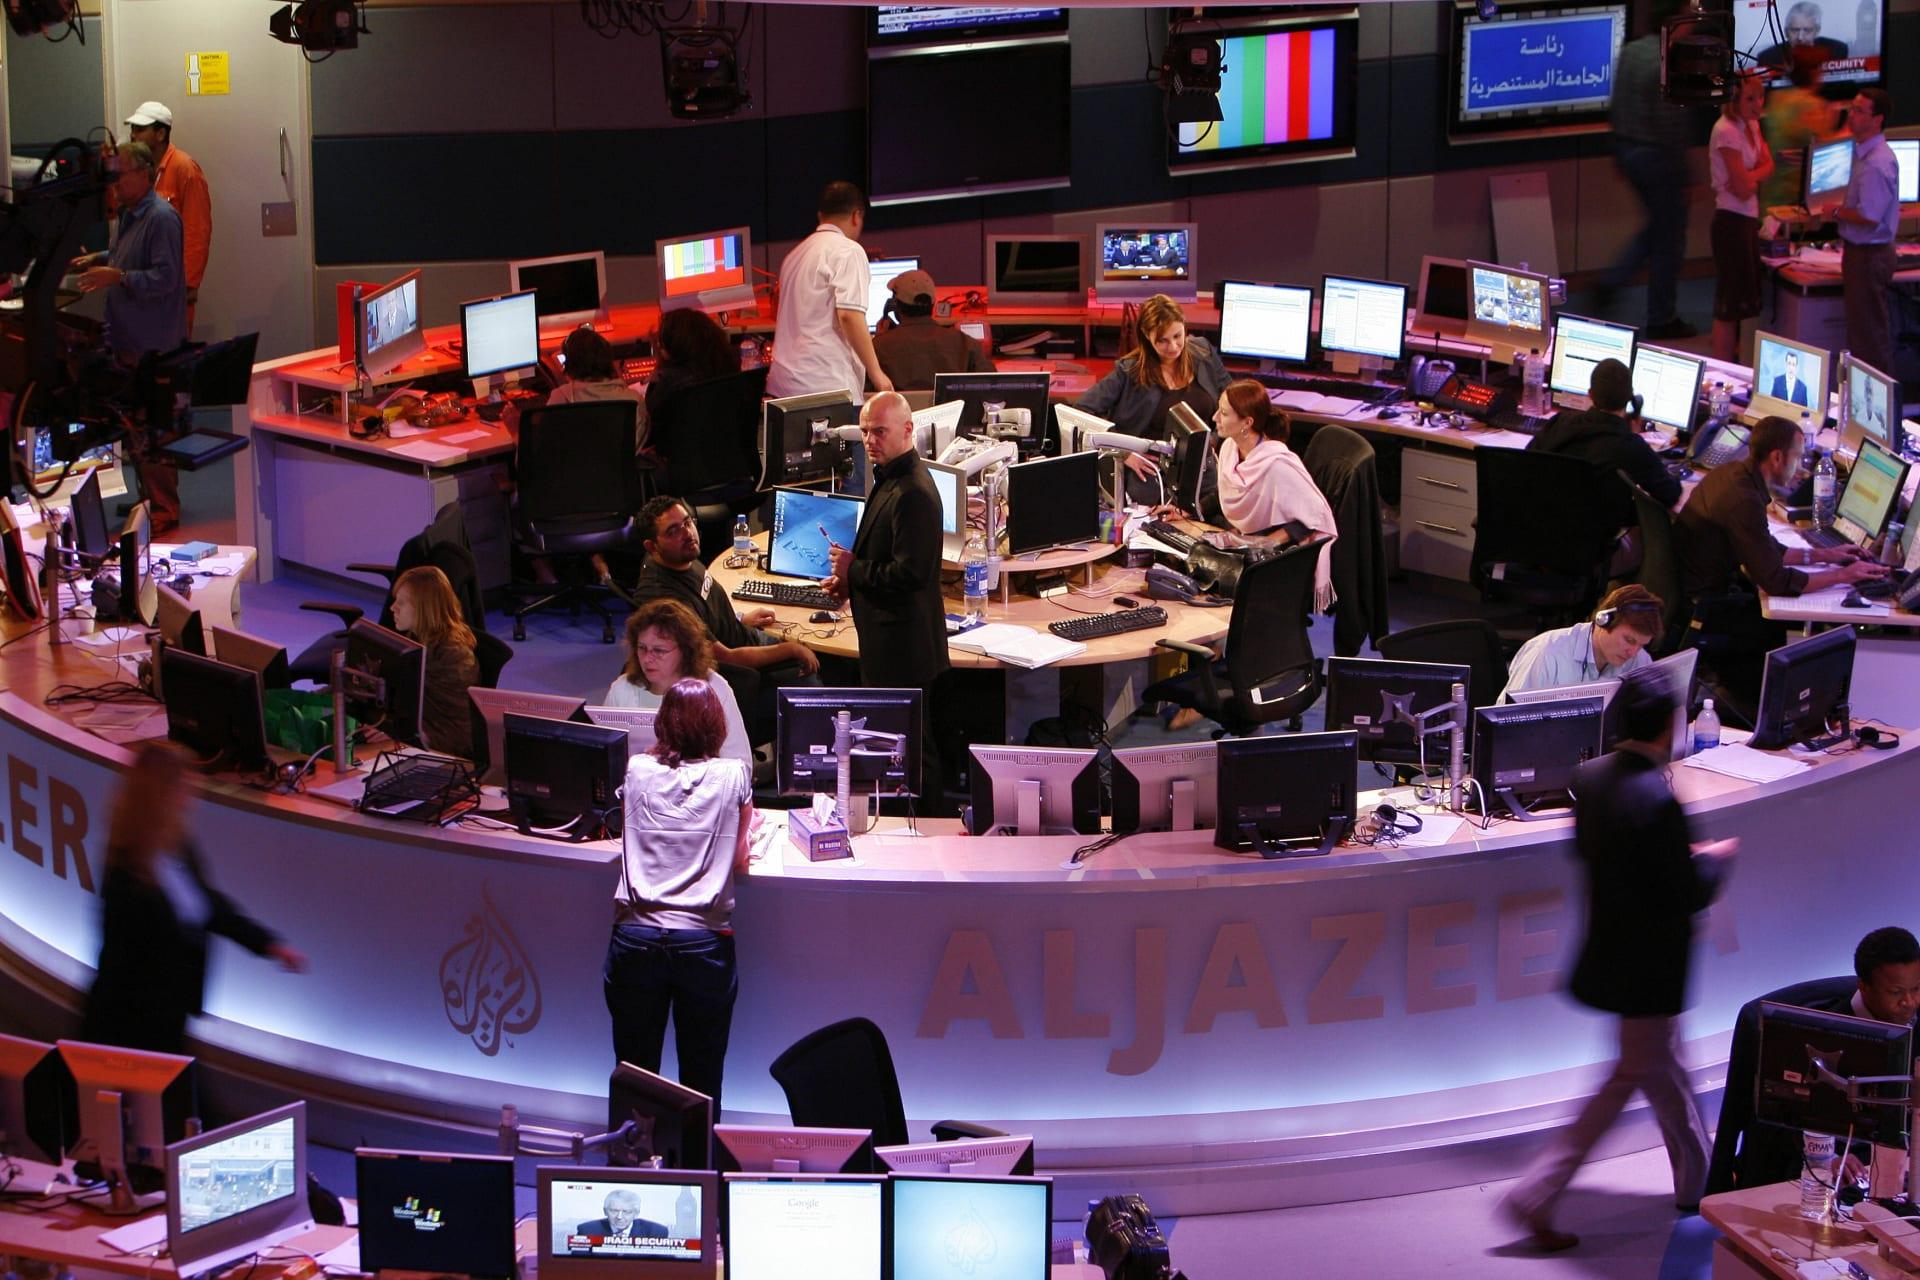 صورة ارشيفية من داخل مقر قناة الجزيرة في قطر العام 2006